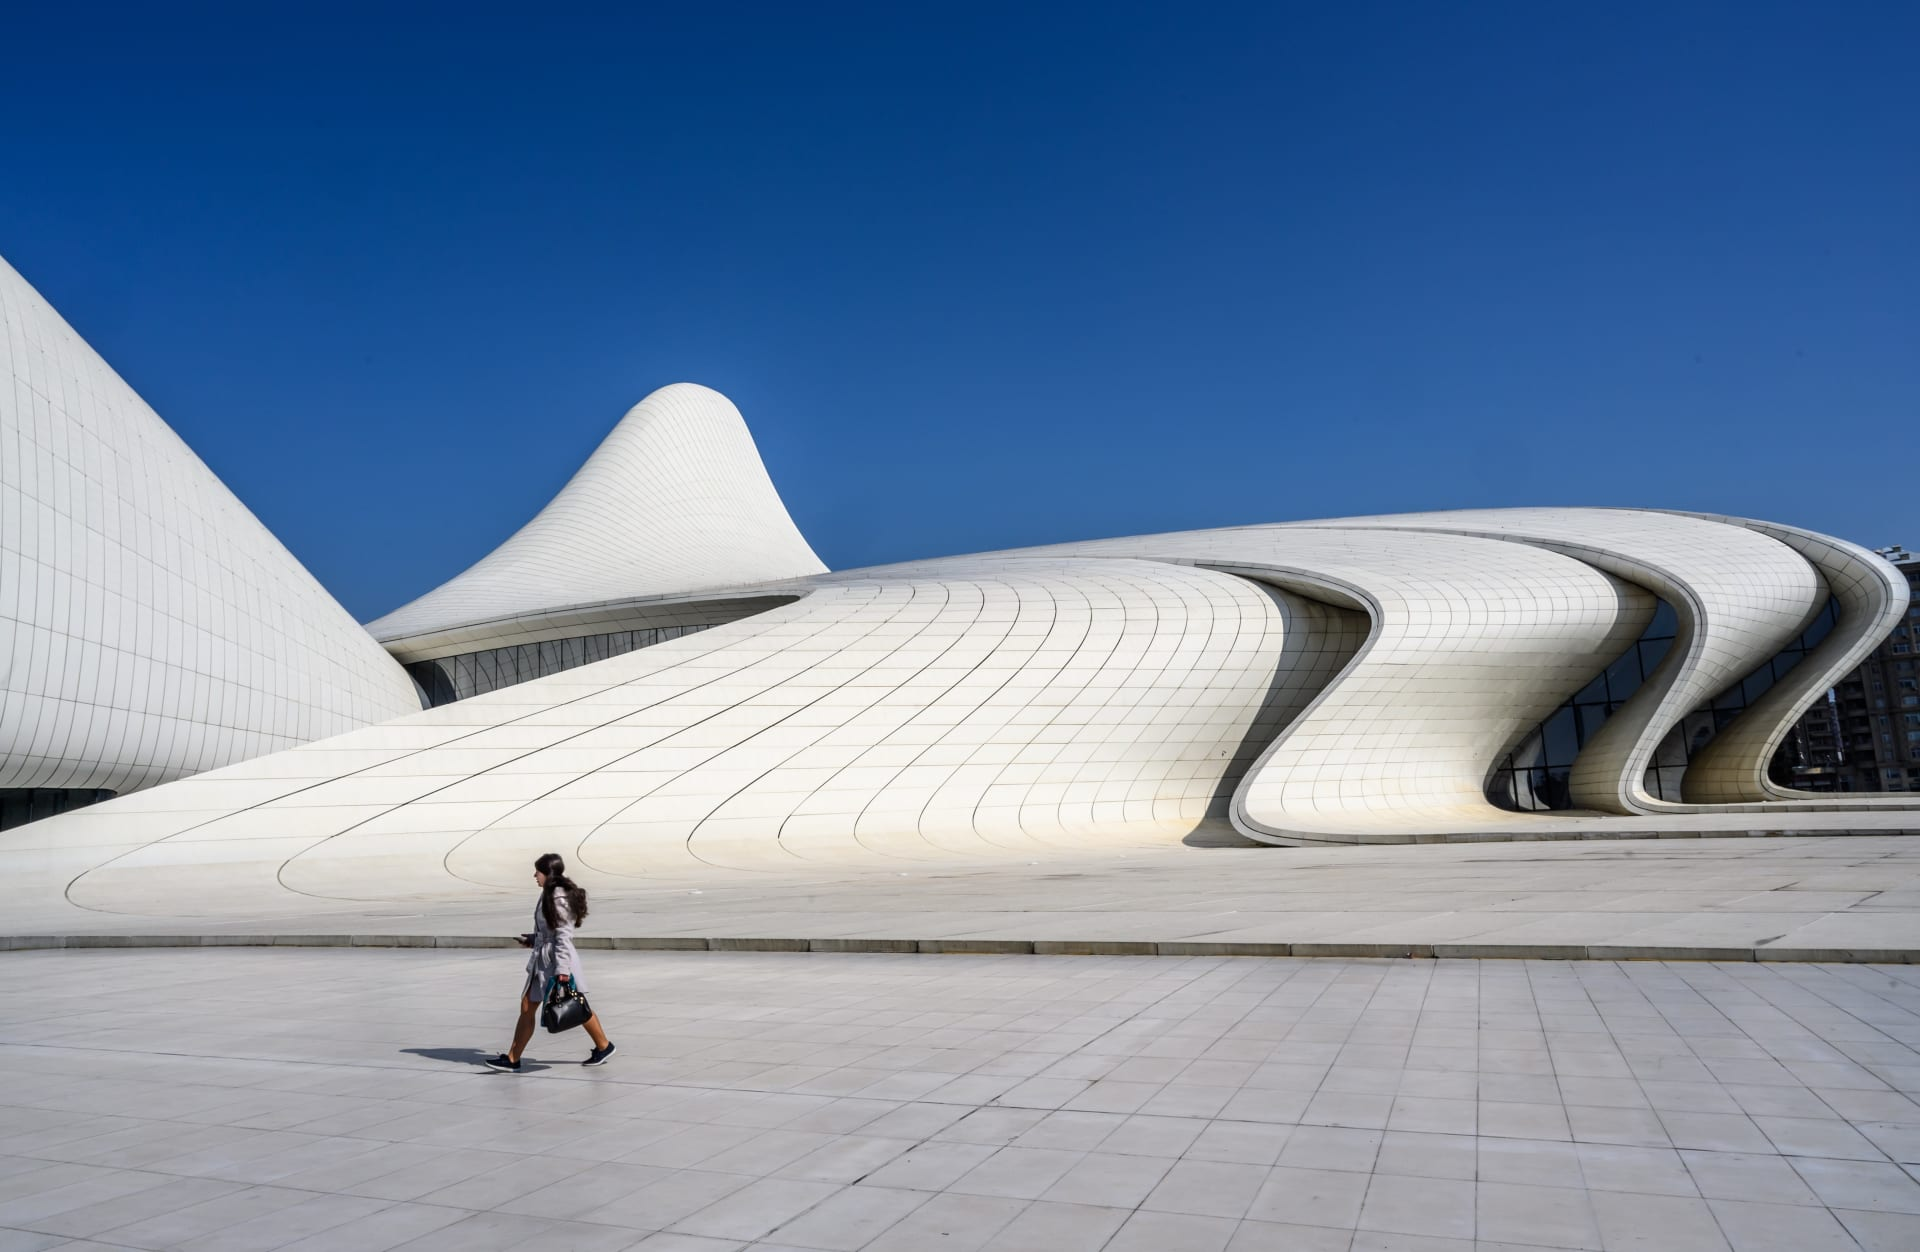 إليك 8 روائع هندسية يجب زيارتها بأذربيجان